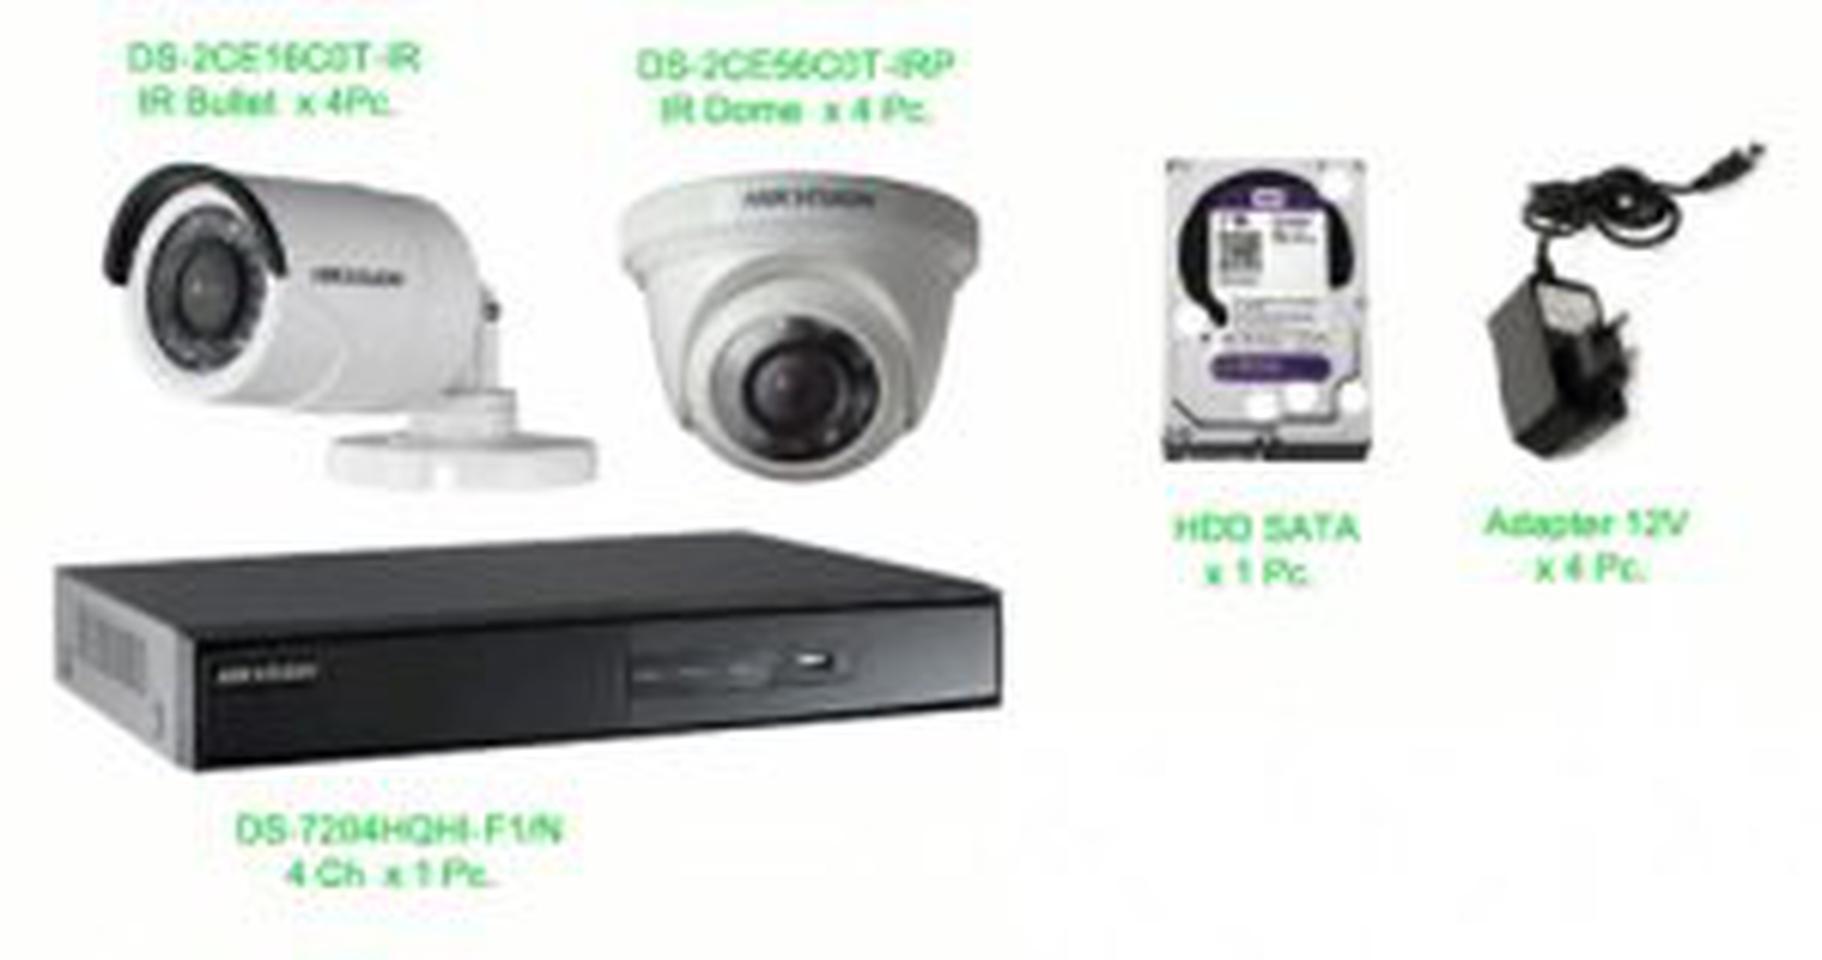 ชุด กล้องวงจรปิด hikvision ราคาถูก รูปที่ 1